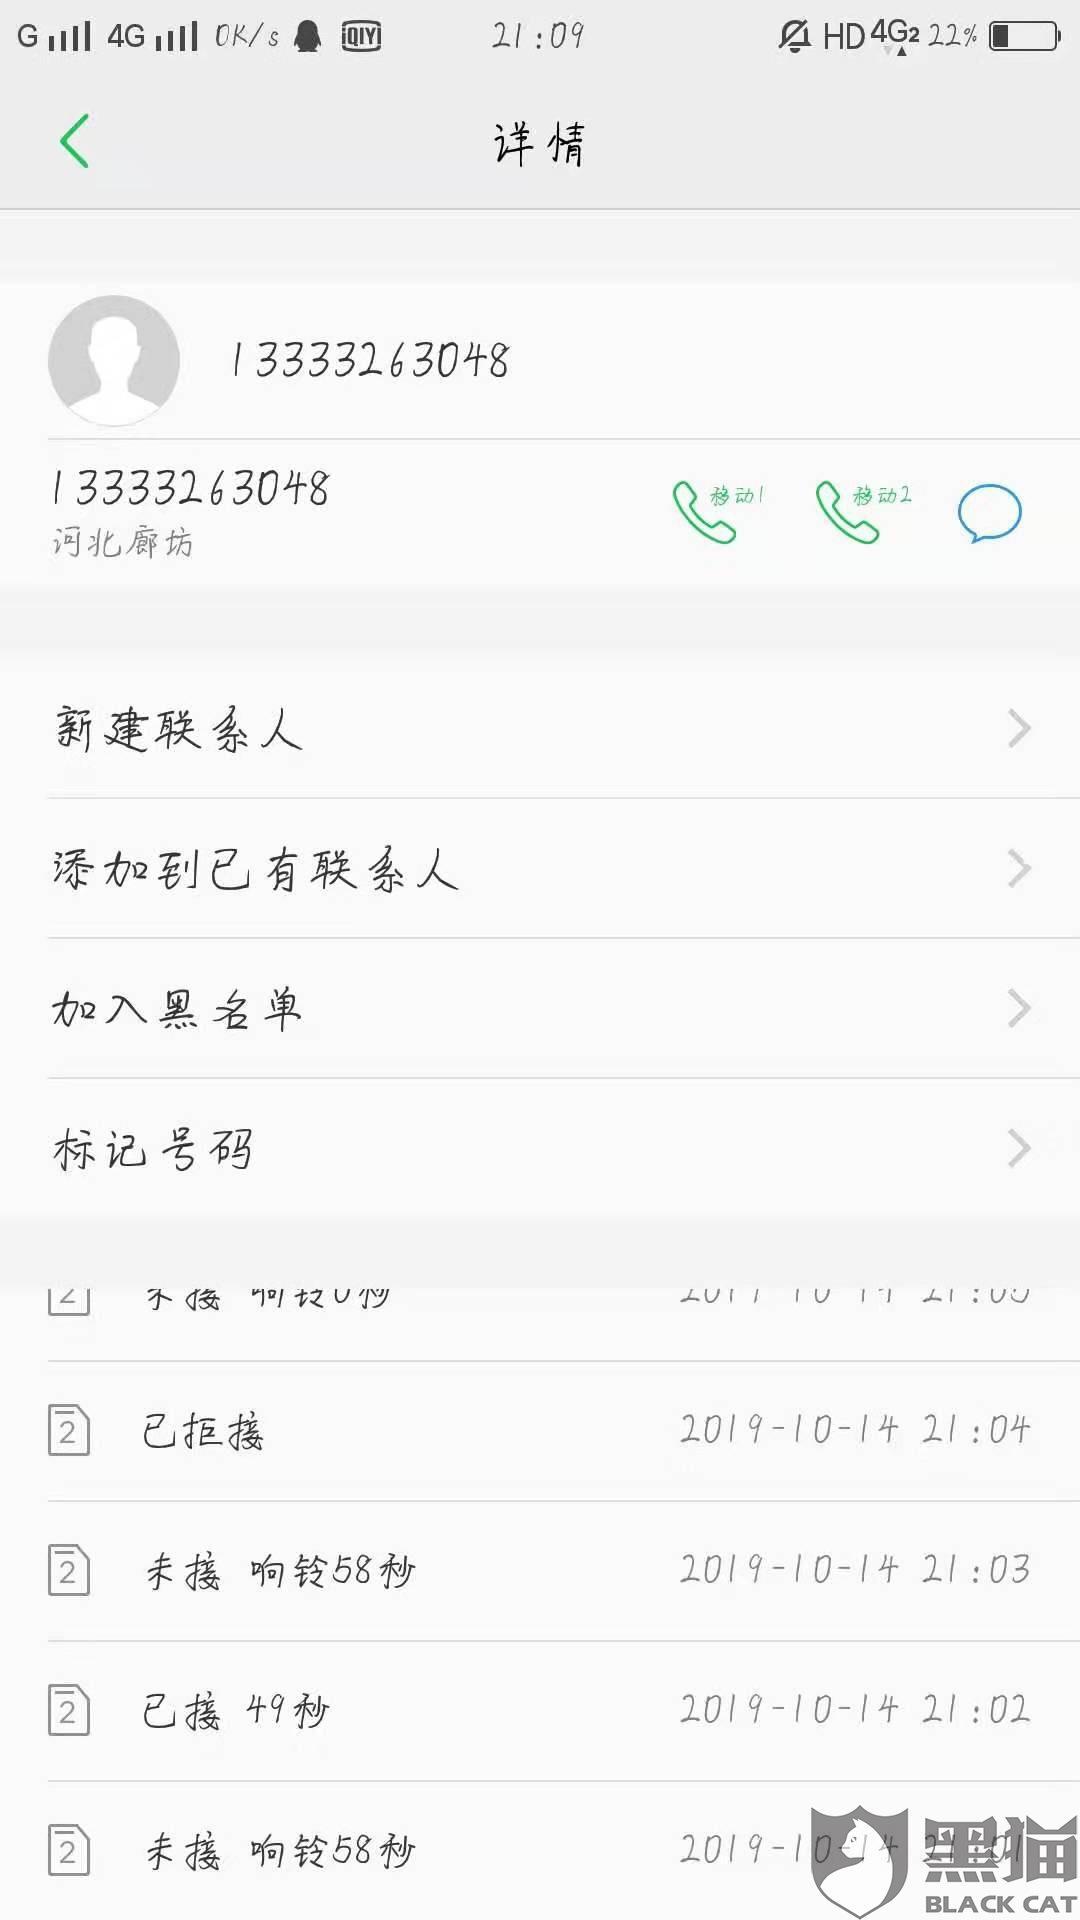 黑猫投诉:平安普惠的i贷逾期三天,跟催收说了明天一发工资就还,然后盯着骚扰联系人